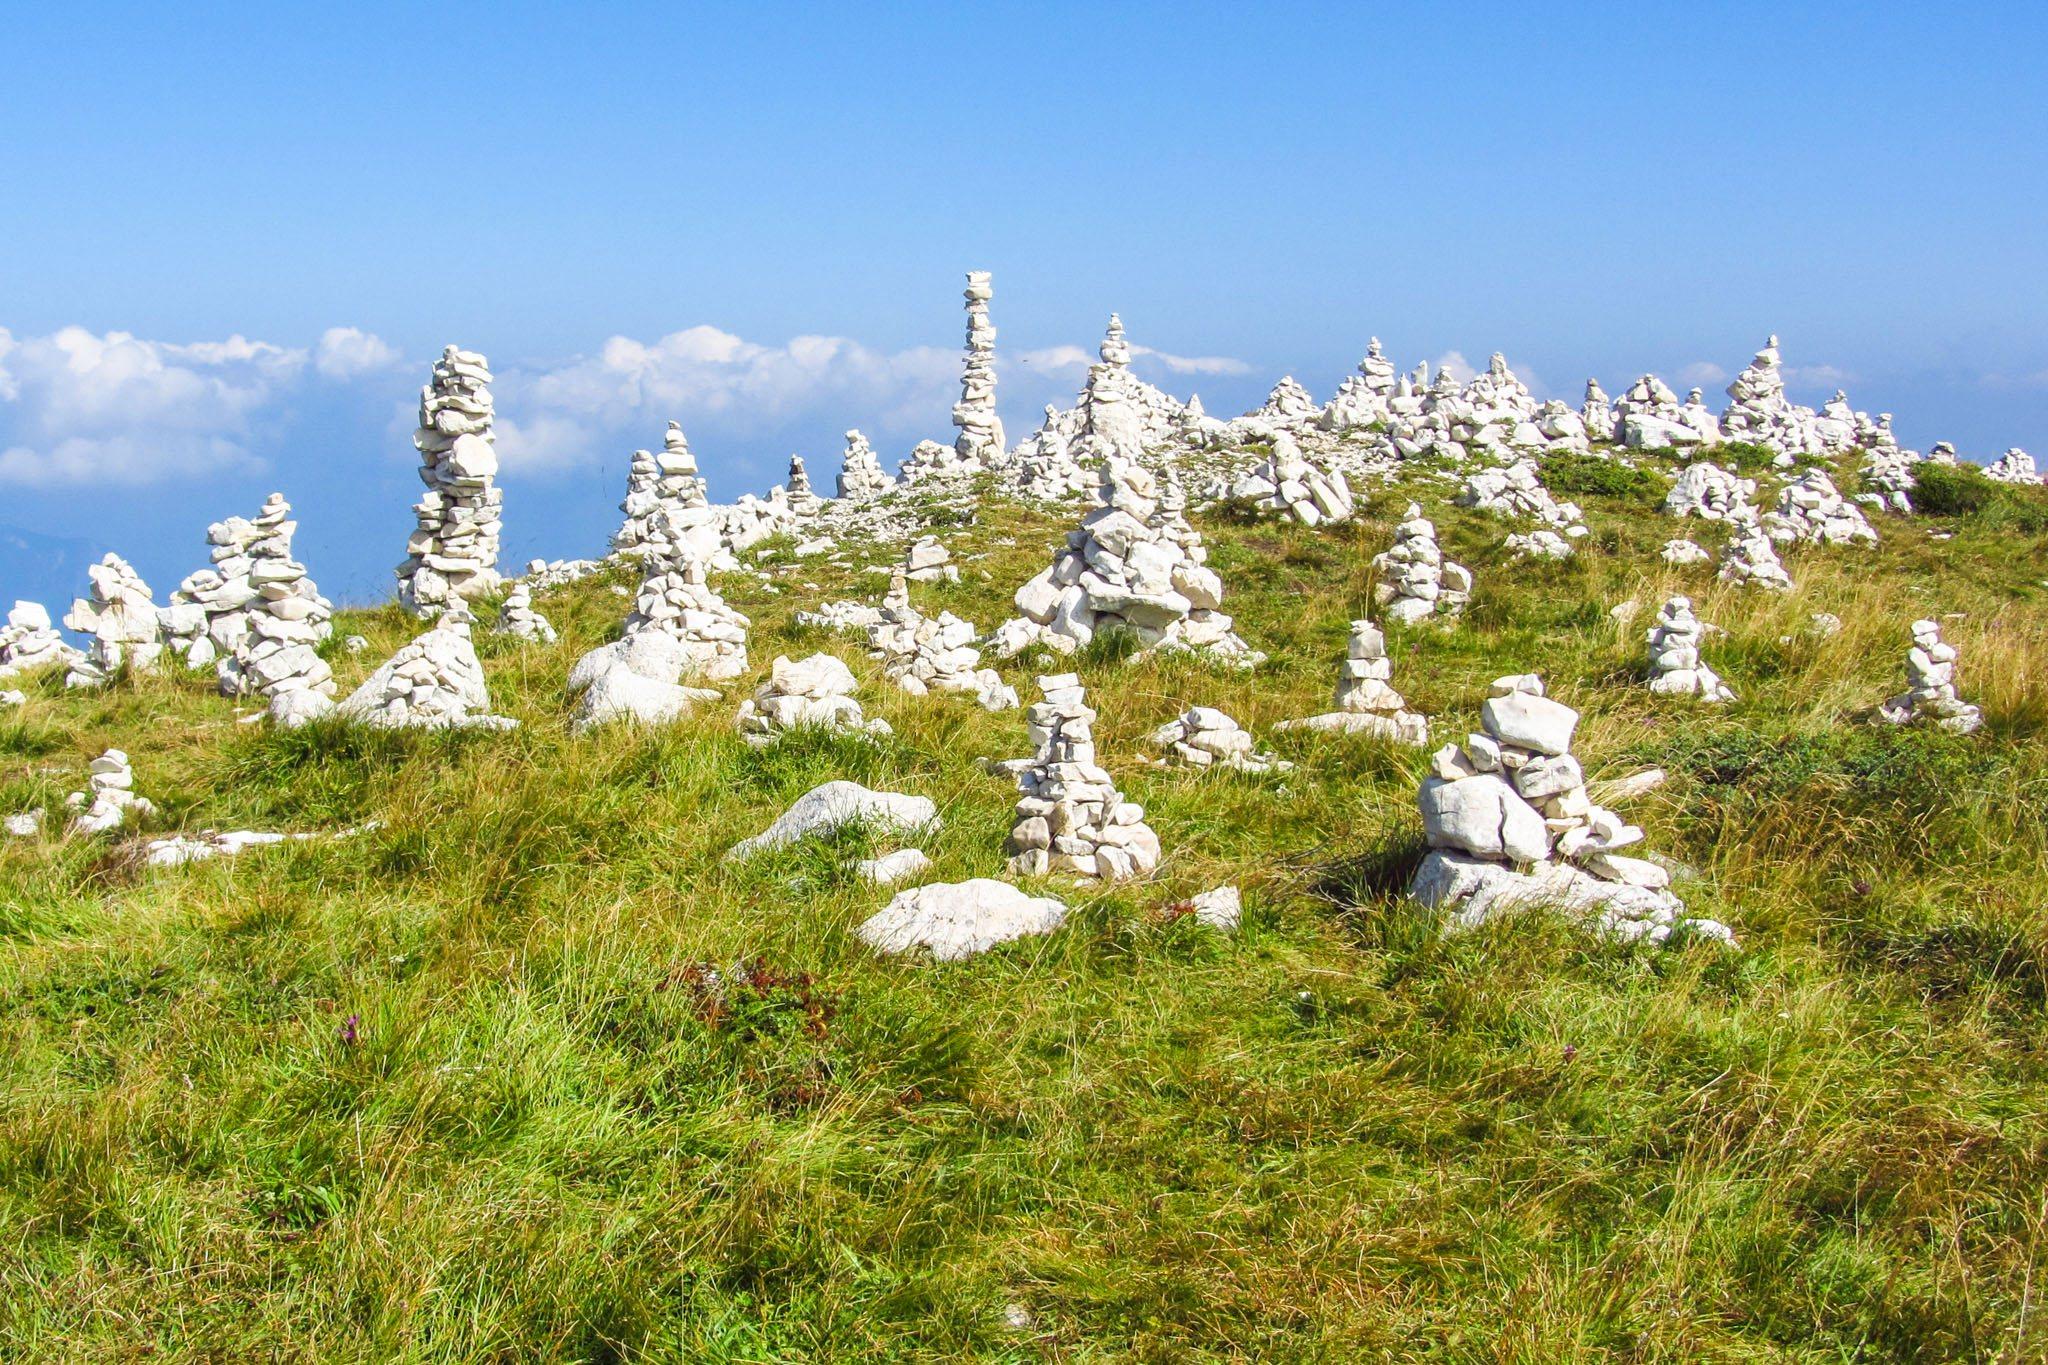 Die Steinmännchen auf dem Weg zur Cima Pozzette